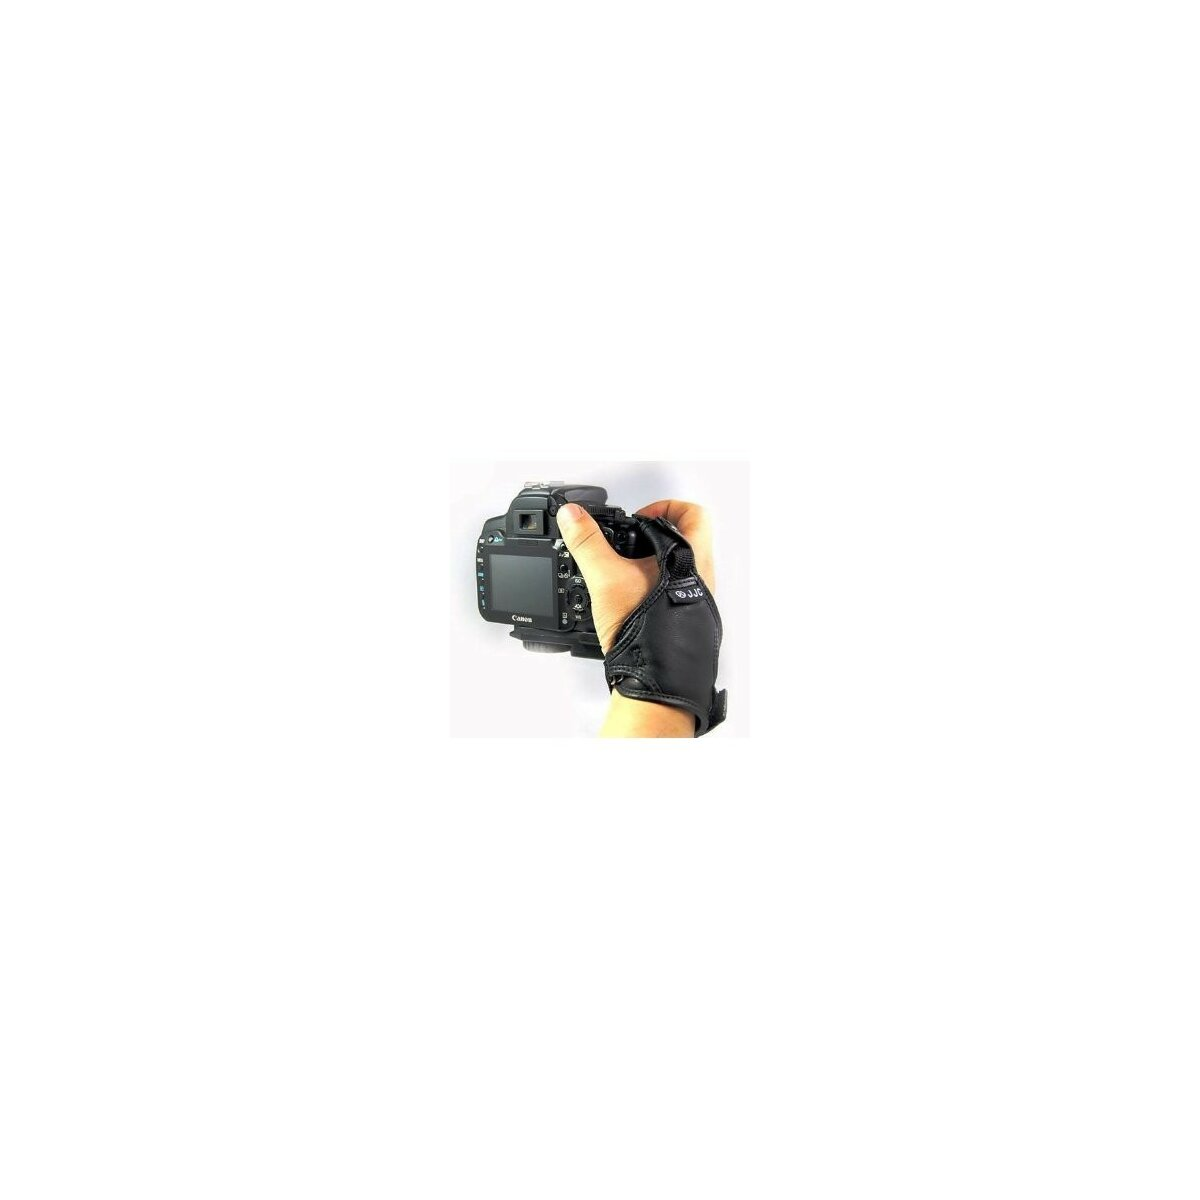 Lederhandschlaufe mit sicherem Halt dank 3 Punkte System - fuer alle SLR- und DSLR-Kameras (IF-HSN) - Canon, Nikon, Sony Alpha, Minolta, Pentax, Sigma, Olympus etc.